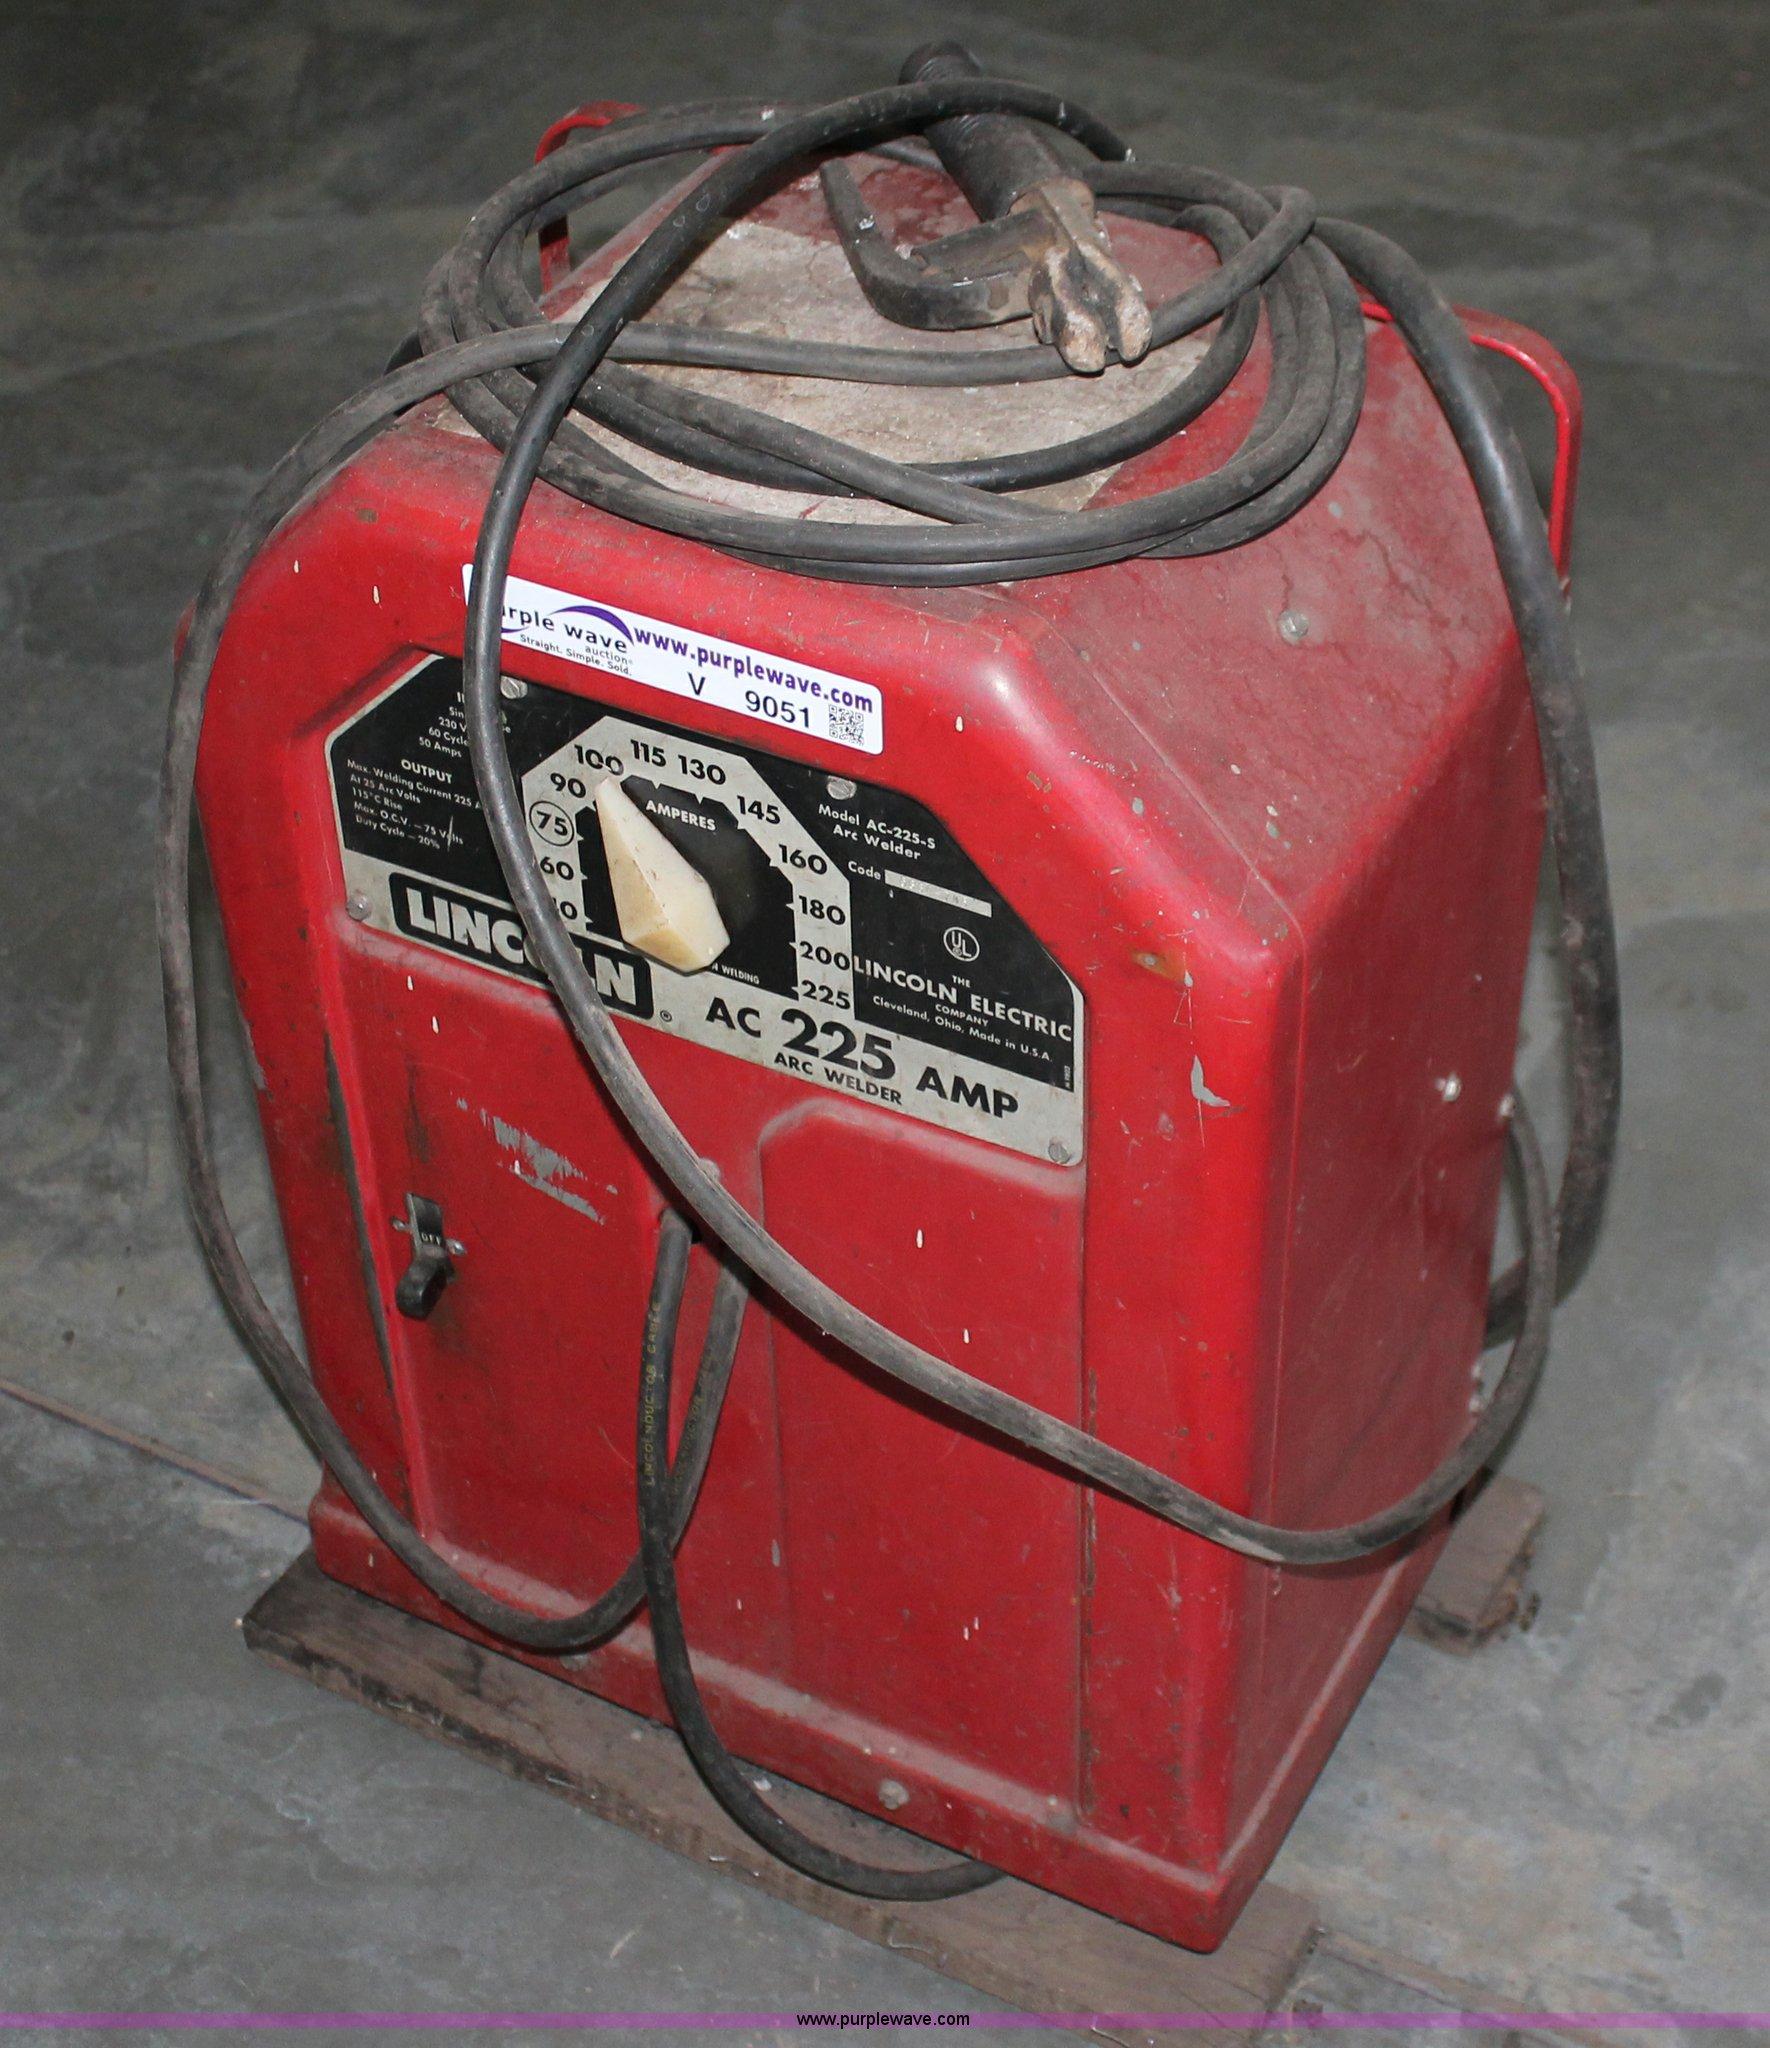 Lincoln AC-225-S arc welder   Item V9051   SOLD! March 5 Gov